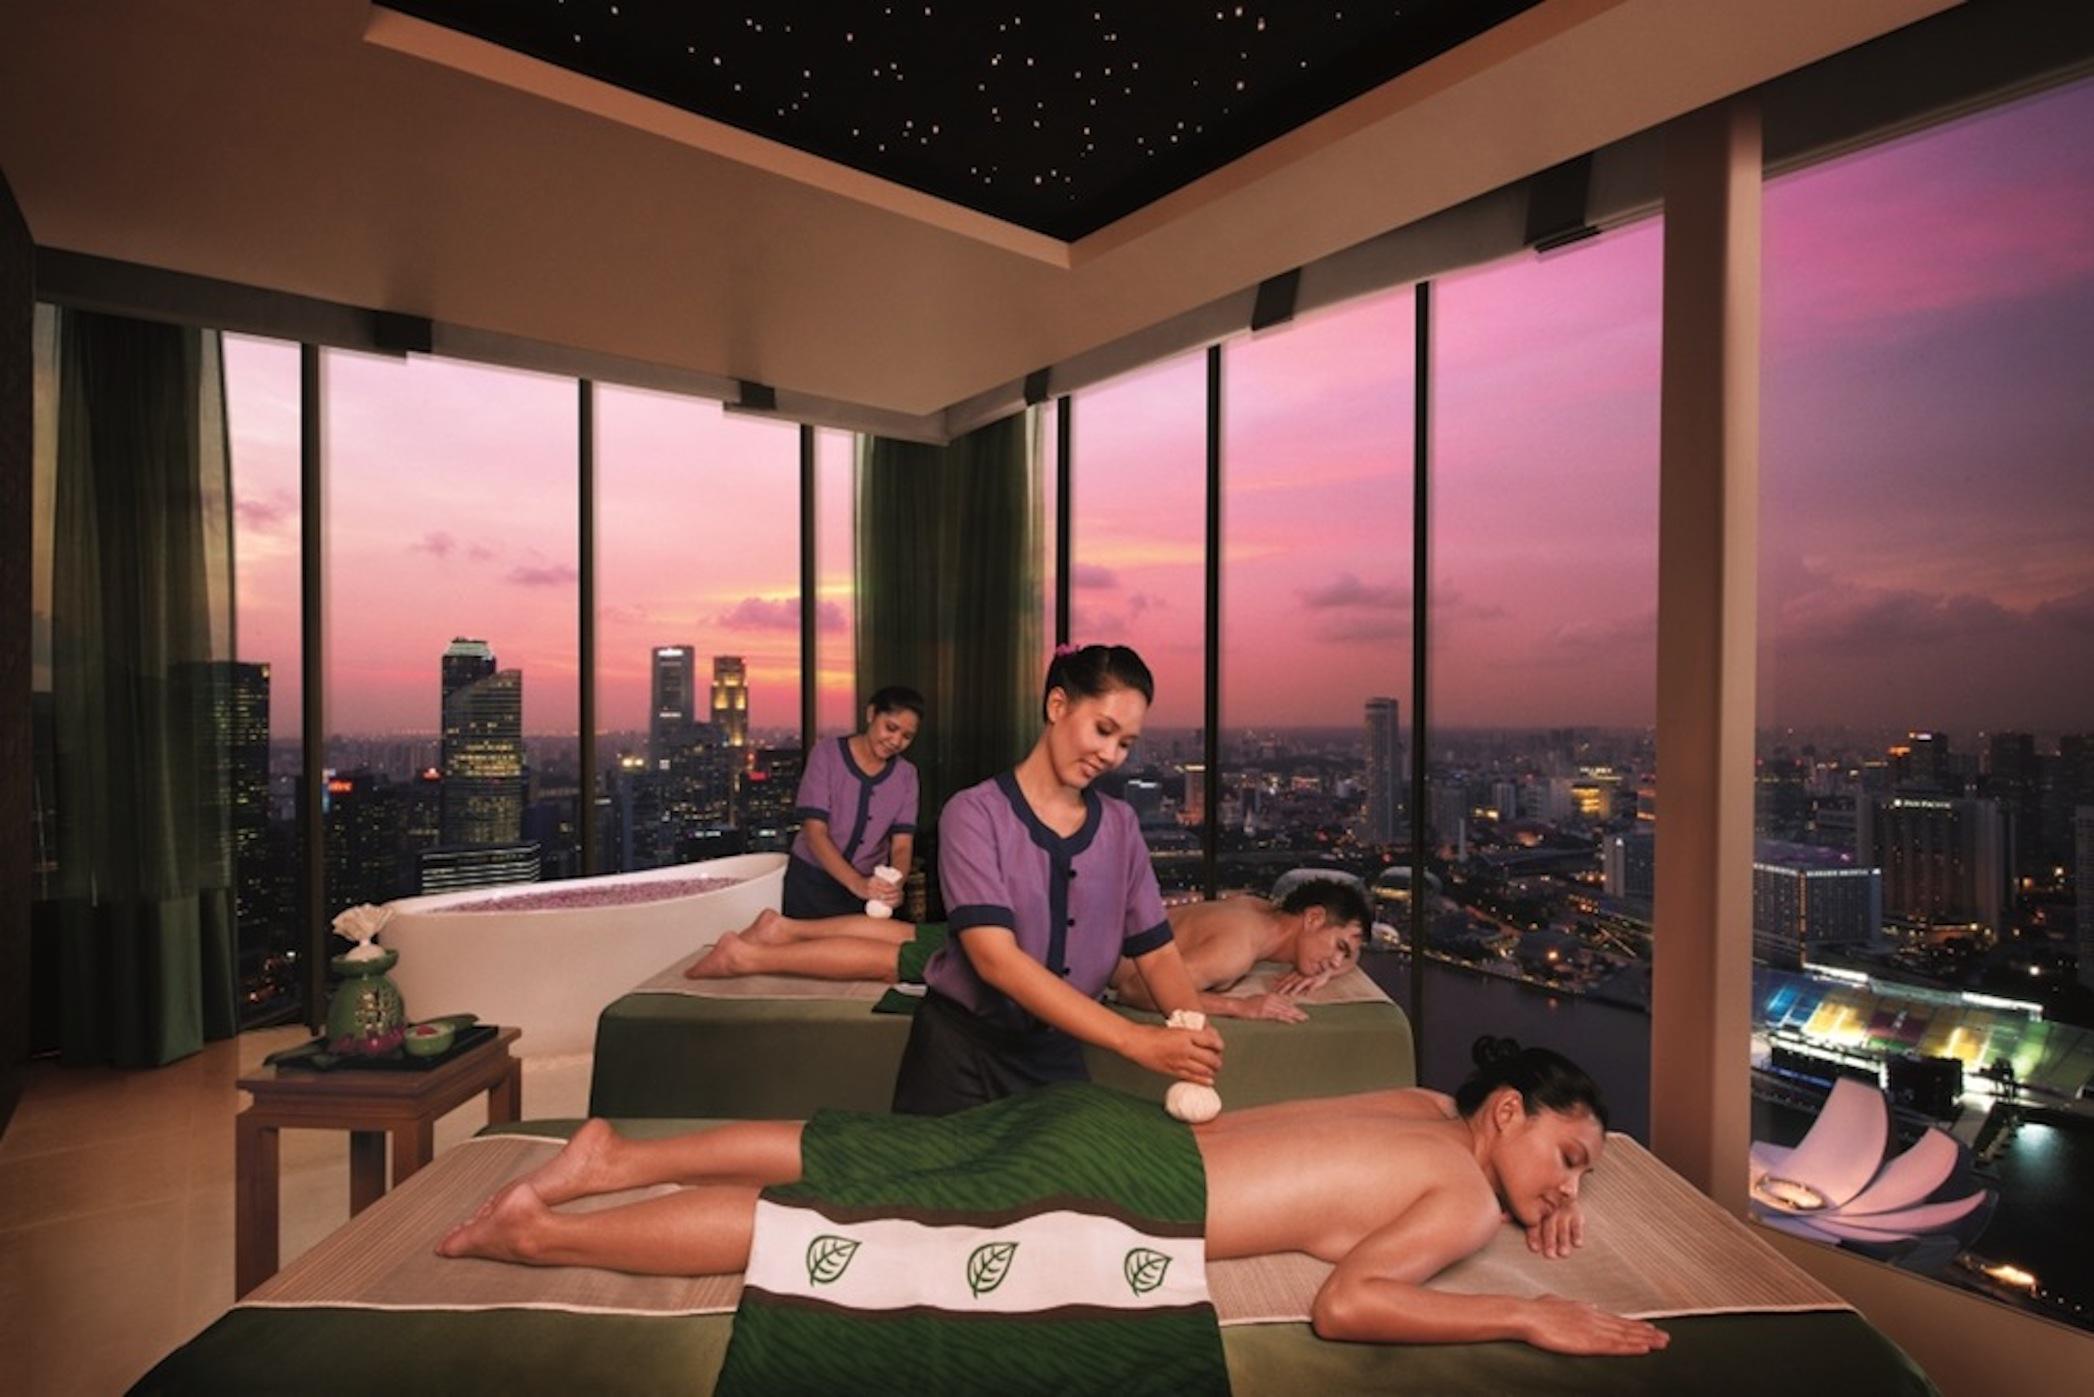 Luxury-spas-singapore-banyan-tree-spa